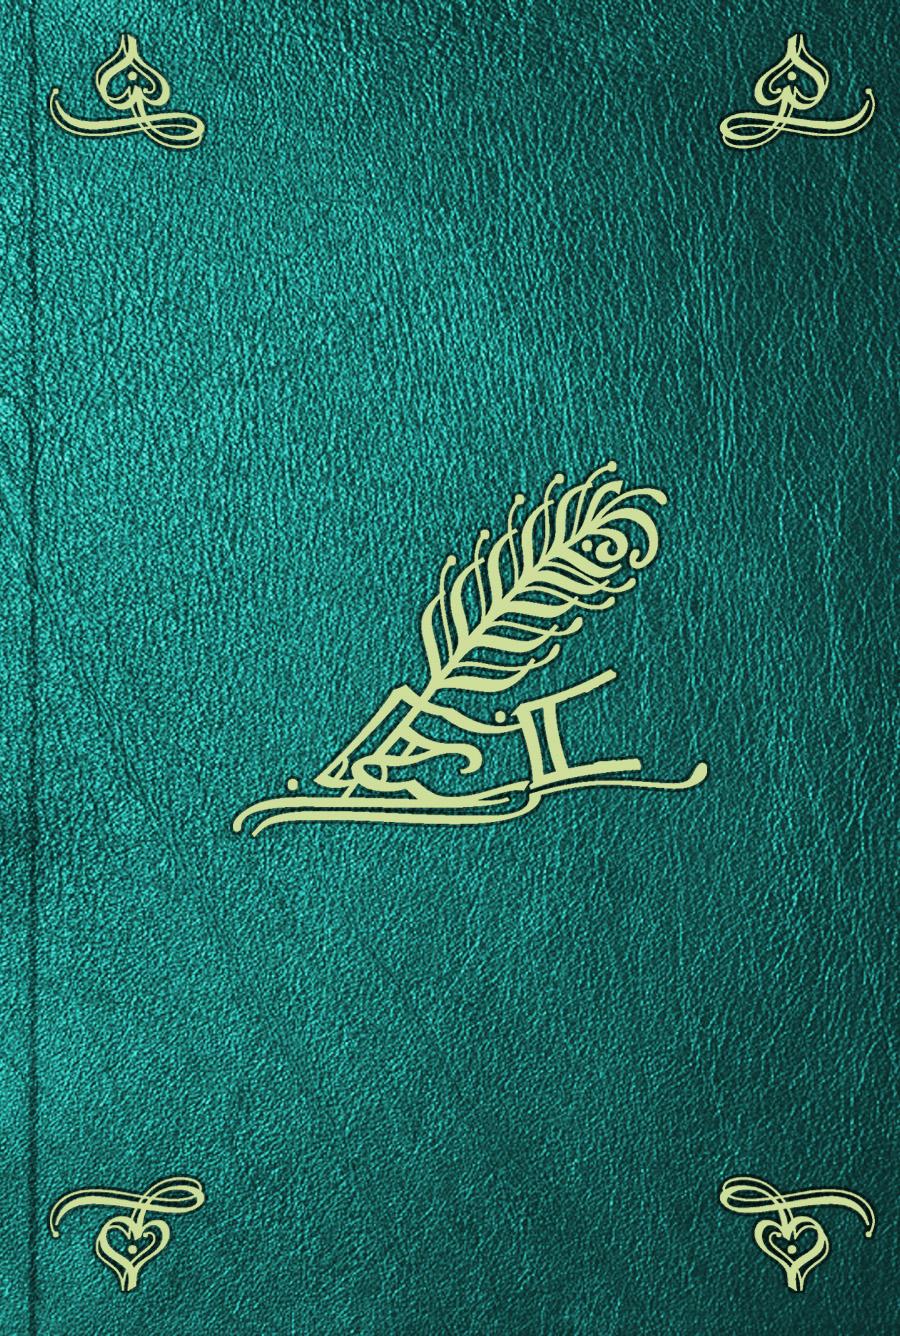 Comte de Buffon Georges Louis Leclerc Histoire naturelle. T. 11. Oiseaux comte de buffon georges louis leclerc histoire naturelle t 8 oiseaux